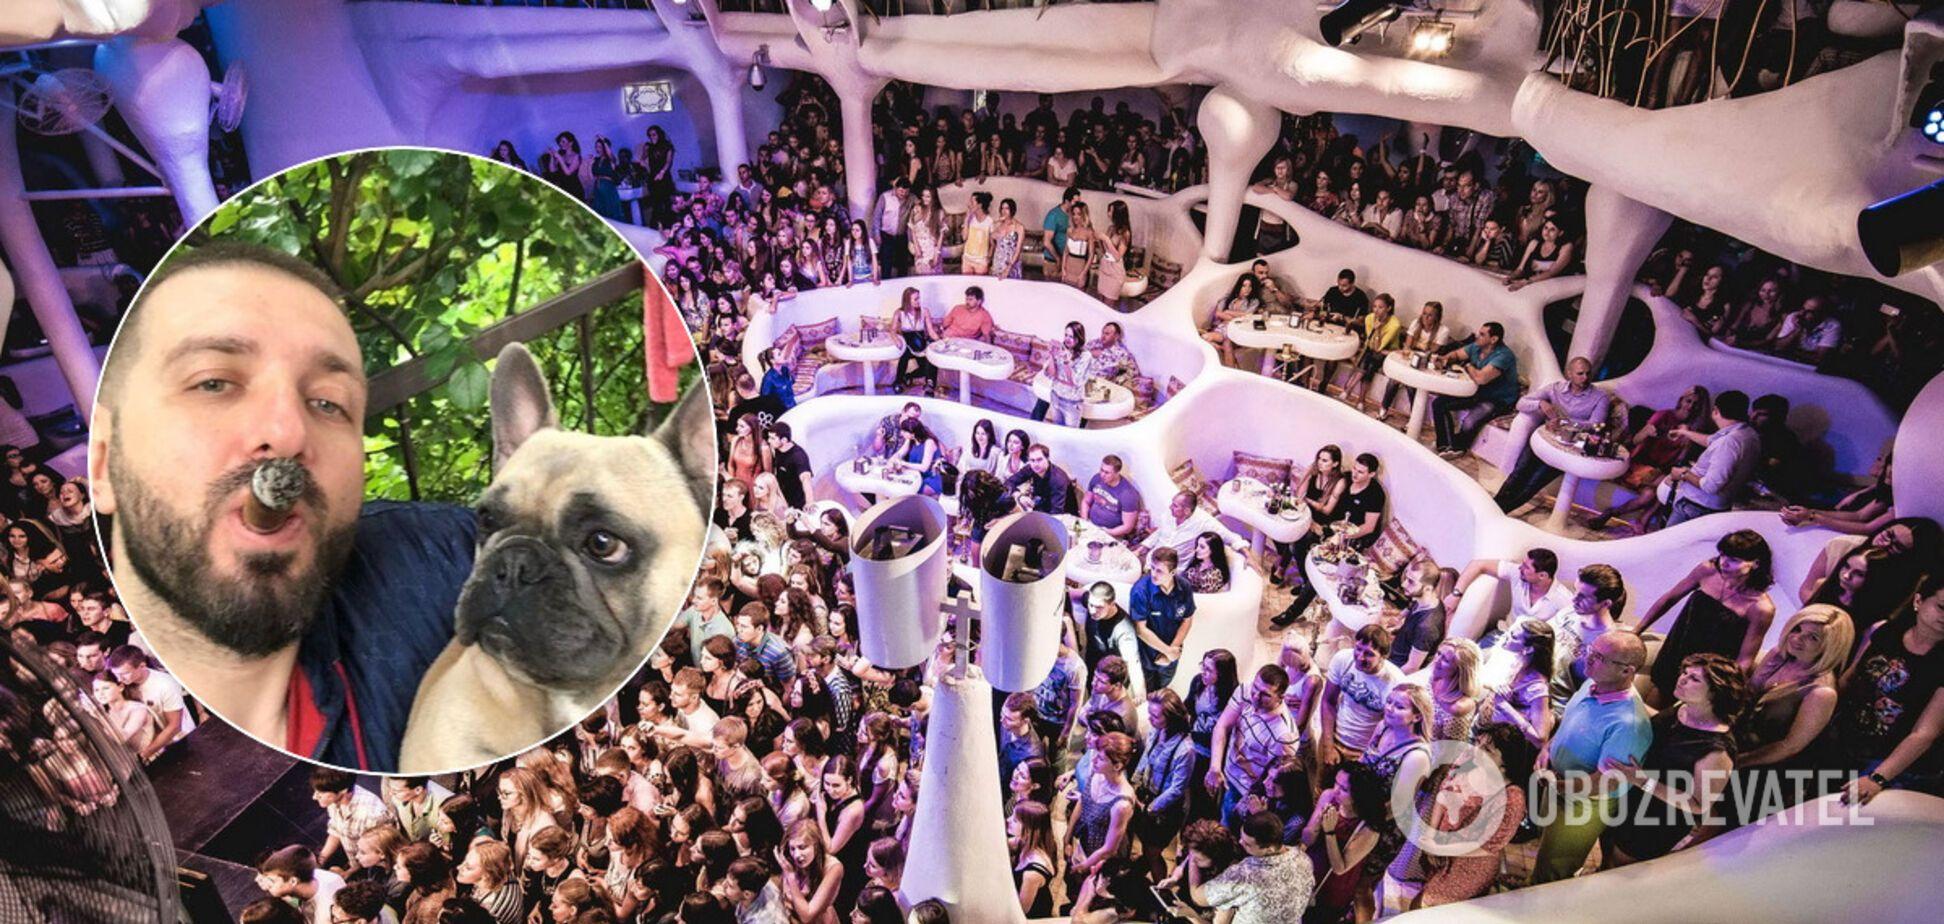 Бізнесмен погуляв в клубі Ibiza на 124 тисячі гривень і похвалився цим